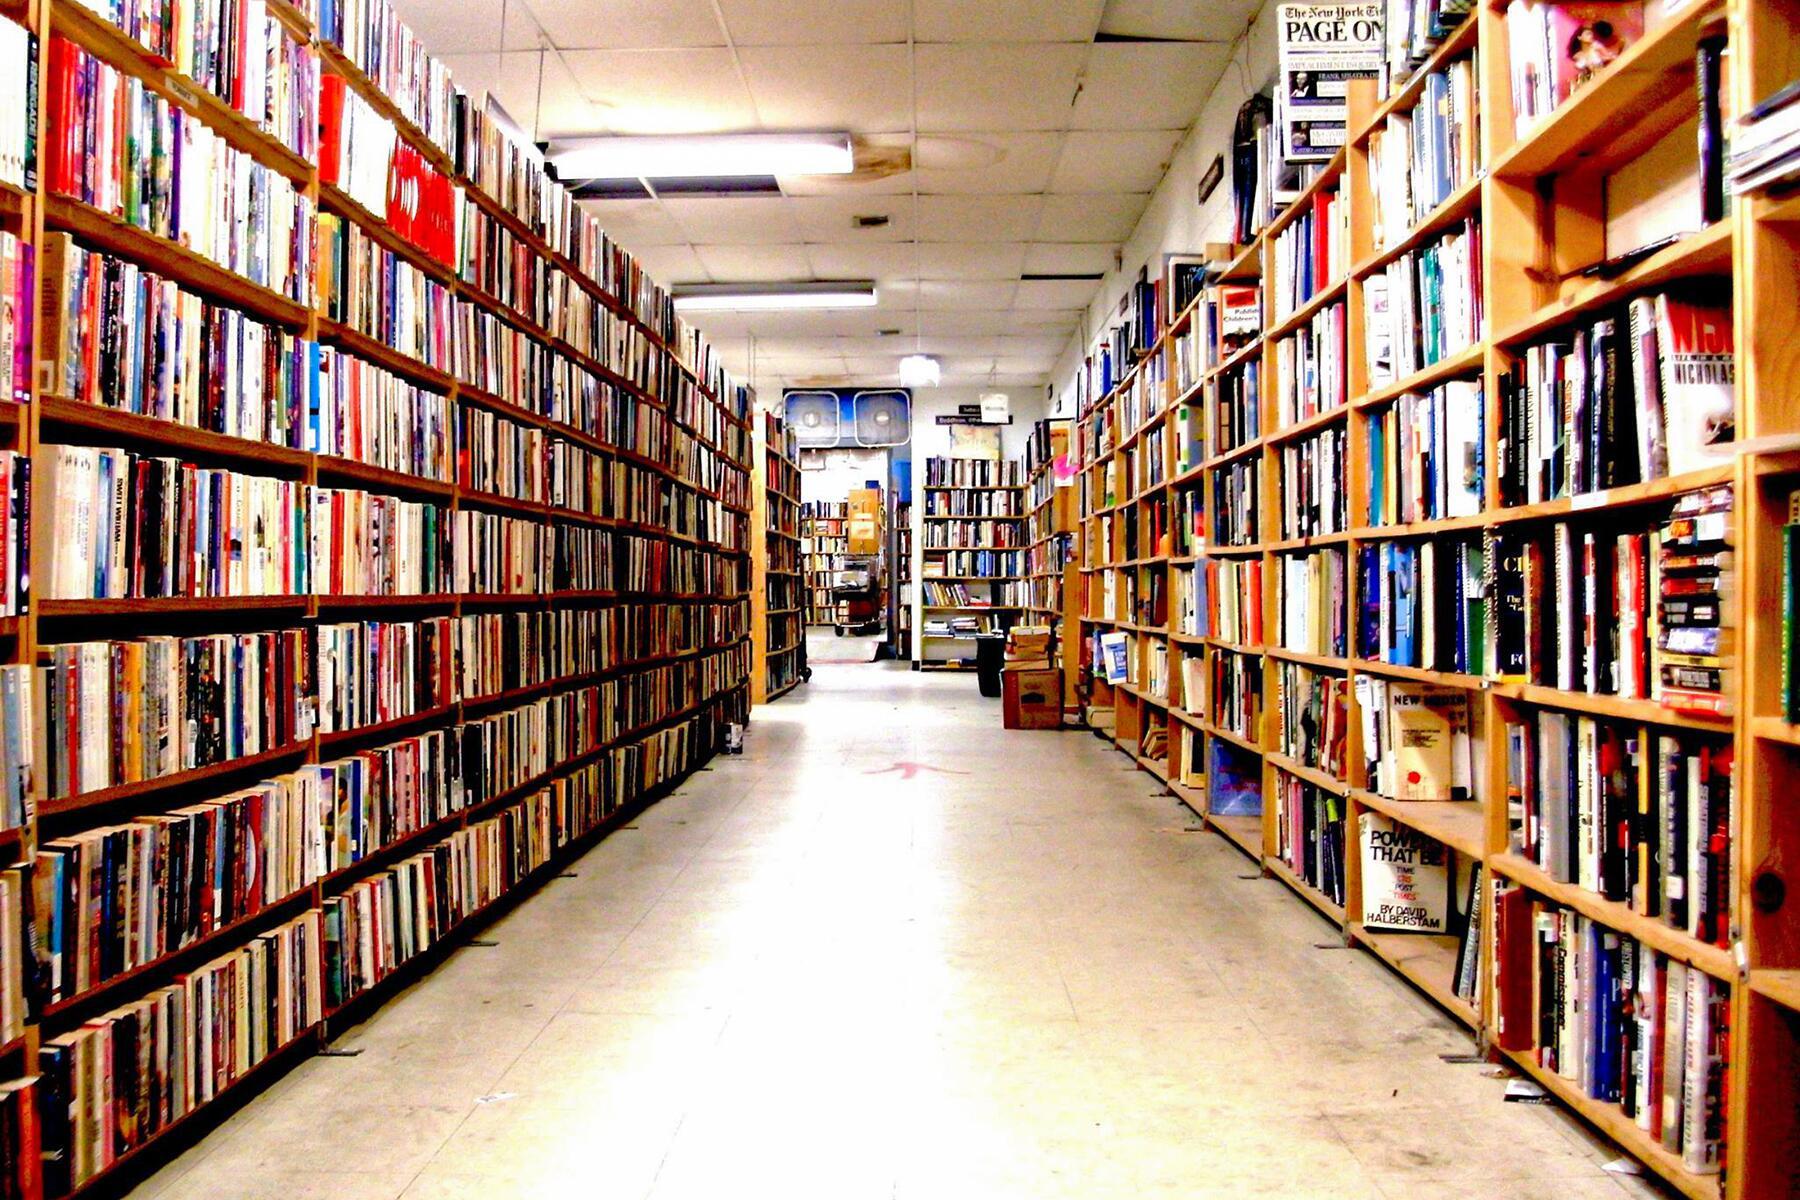 20_LiteraryGuideToBaltimore__TheBookThing_19 10629372_10152764428032640_7903258683867219263_o